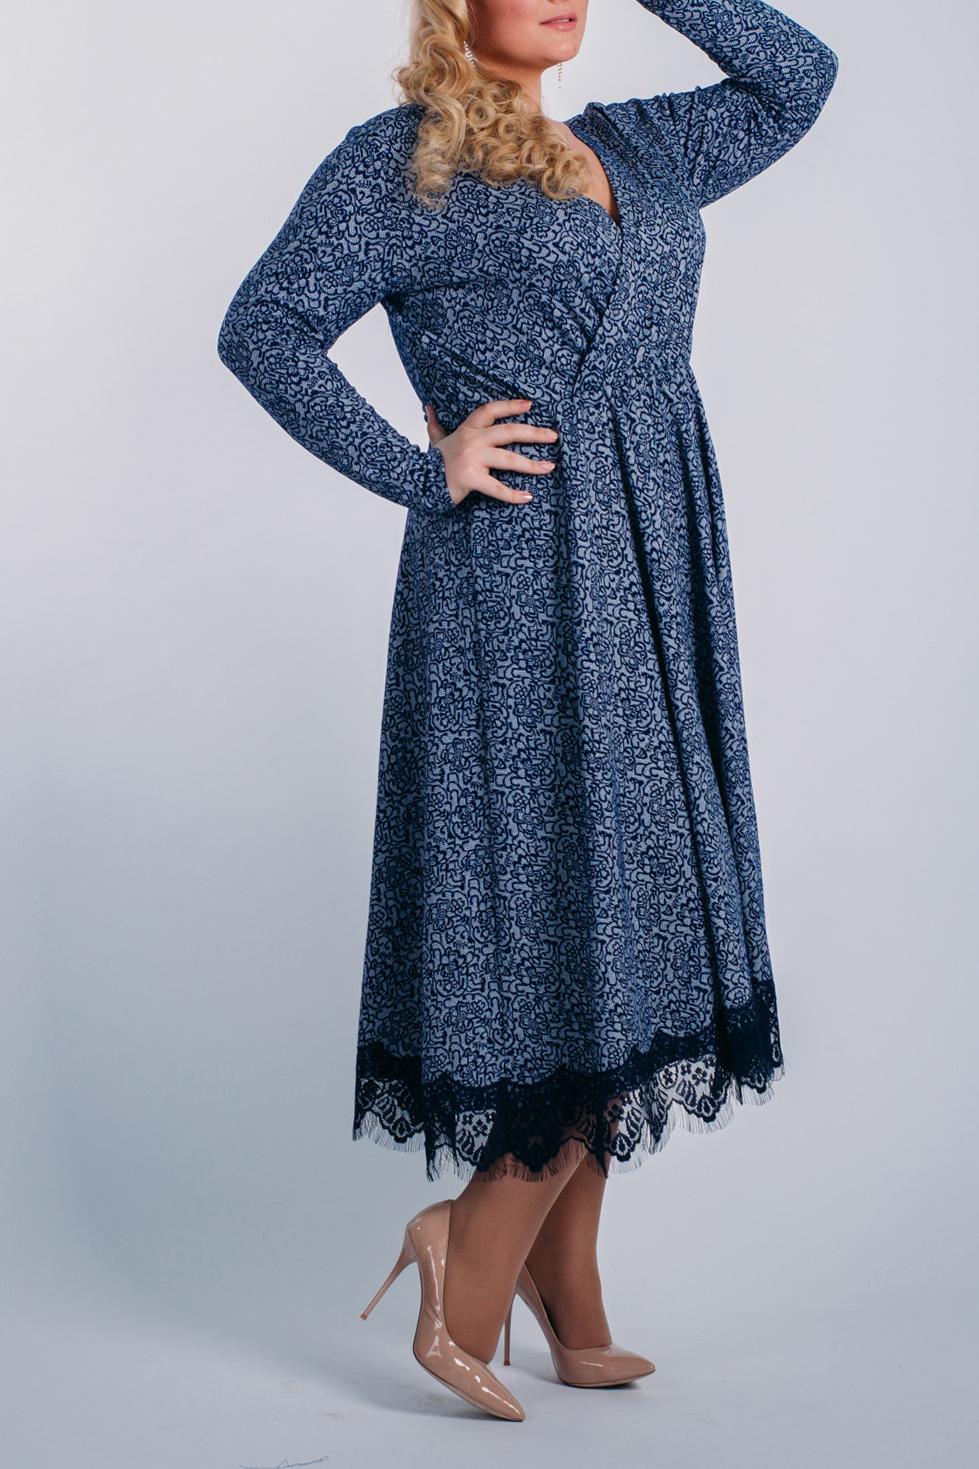 ПлатьеПлатья<br>Эффектное платье с декором из гипюра. Модель выполнена из приятного материала. Отличный выбор для любого случая.  Длина  по спинке 44-116 см 46-117 см 48-118 см 50-119 см 52-120 см 54-120 см Длина рукава 44-60 см 46-60 см 48-60 см 50-61 см 52-61 см 54-61 см  В изделии использованы цвета: синий, голубой, черный  Ростовка изделия 170 см.<br><br>Горловина: V- горловина,Запах<br>По длине: Миди,Ниже колена<br>По материалу: Гипюр,Трикотаж<br>По рисунку: С принтом,Цветные<br>По сезону: Весна,Зима,Лето,Осень,Всесезон<br>По силуэту: Приталенные<br>По стилю: Нарядный стиль,Повседневный стиль<br>По форме: Платье - трапеция<br>По элементам: С декором,Со складками<br>Рукав: Длинный рукав<br>Размер : 44,46,48,50,54<br>Материал: Трикотаж + Гипюр<br>Количество в наличии: 5